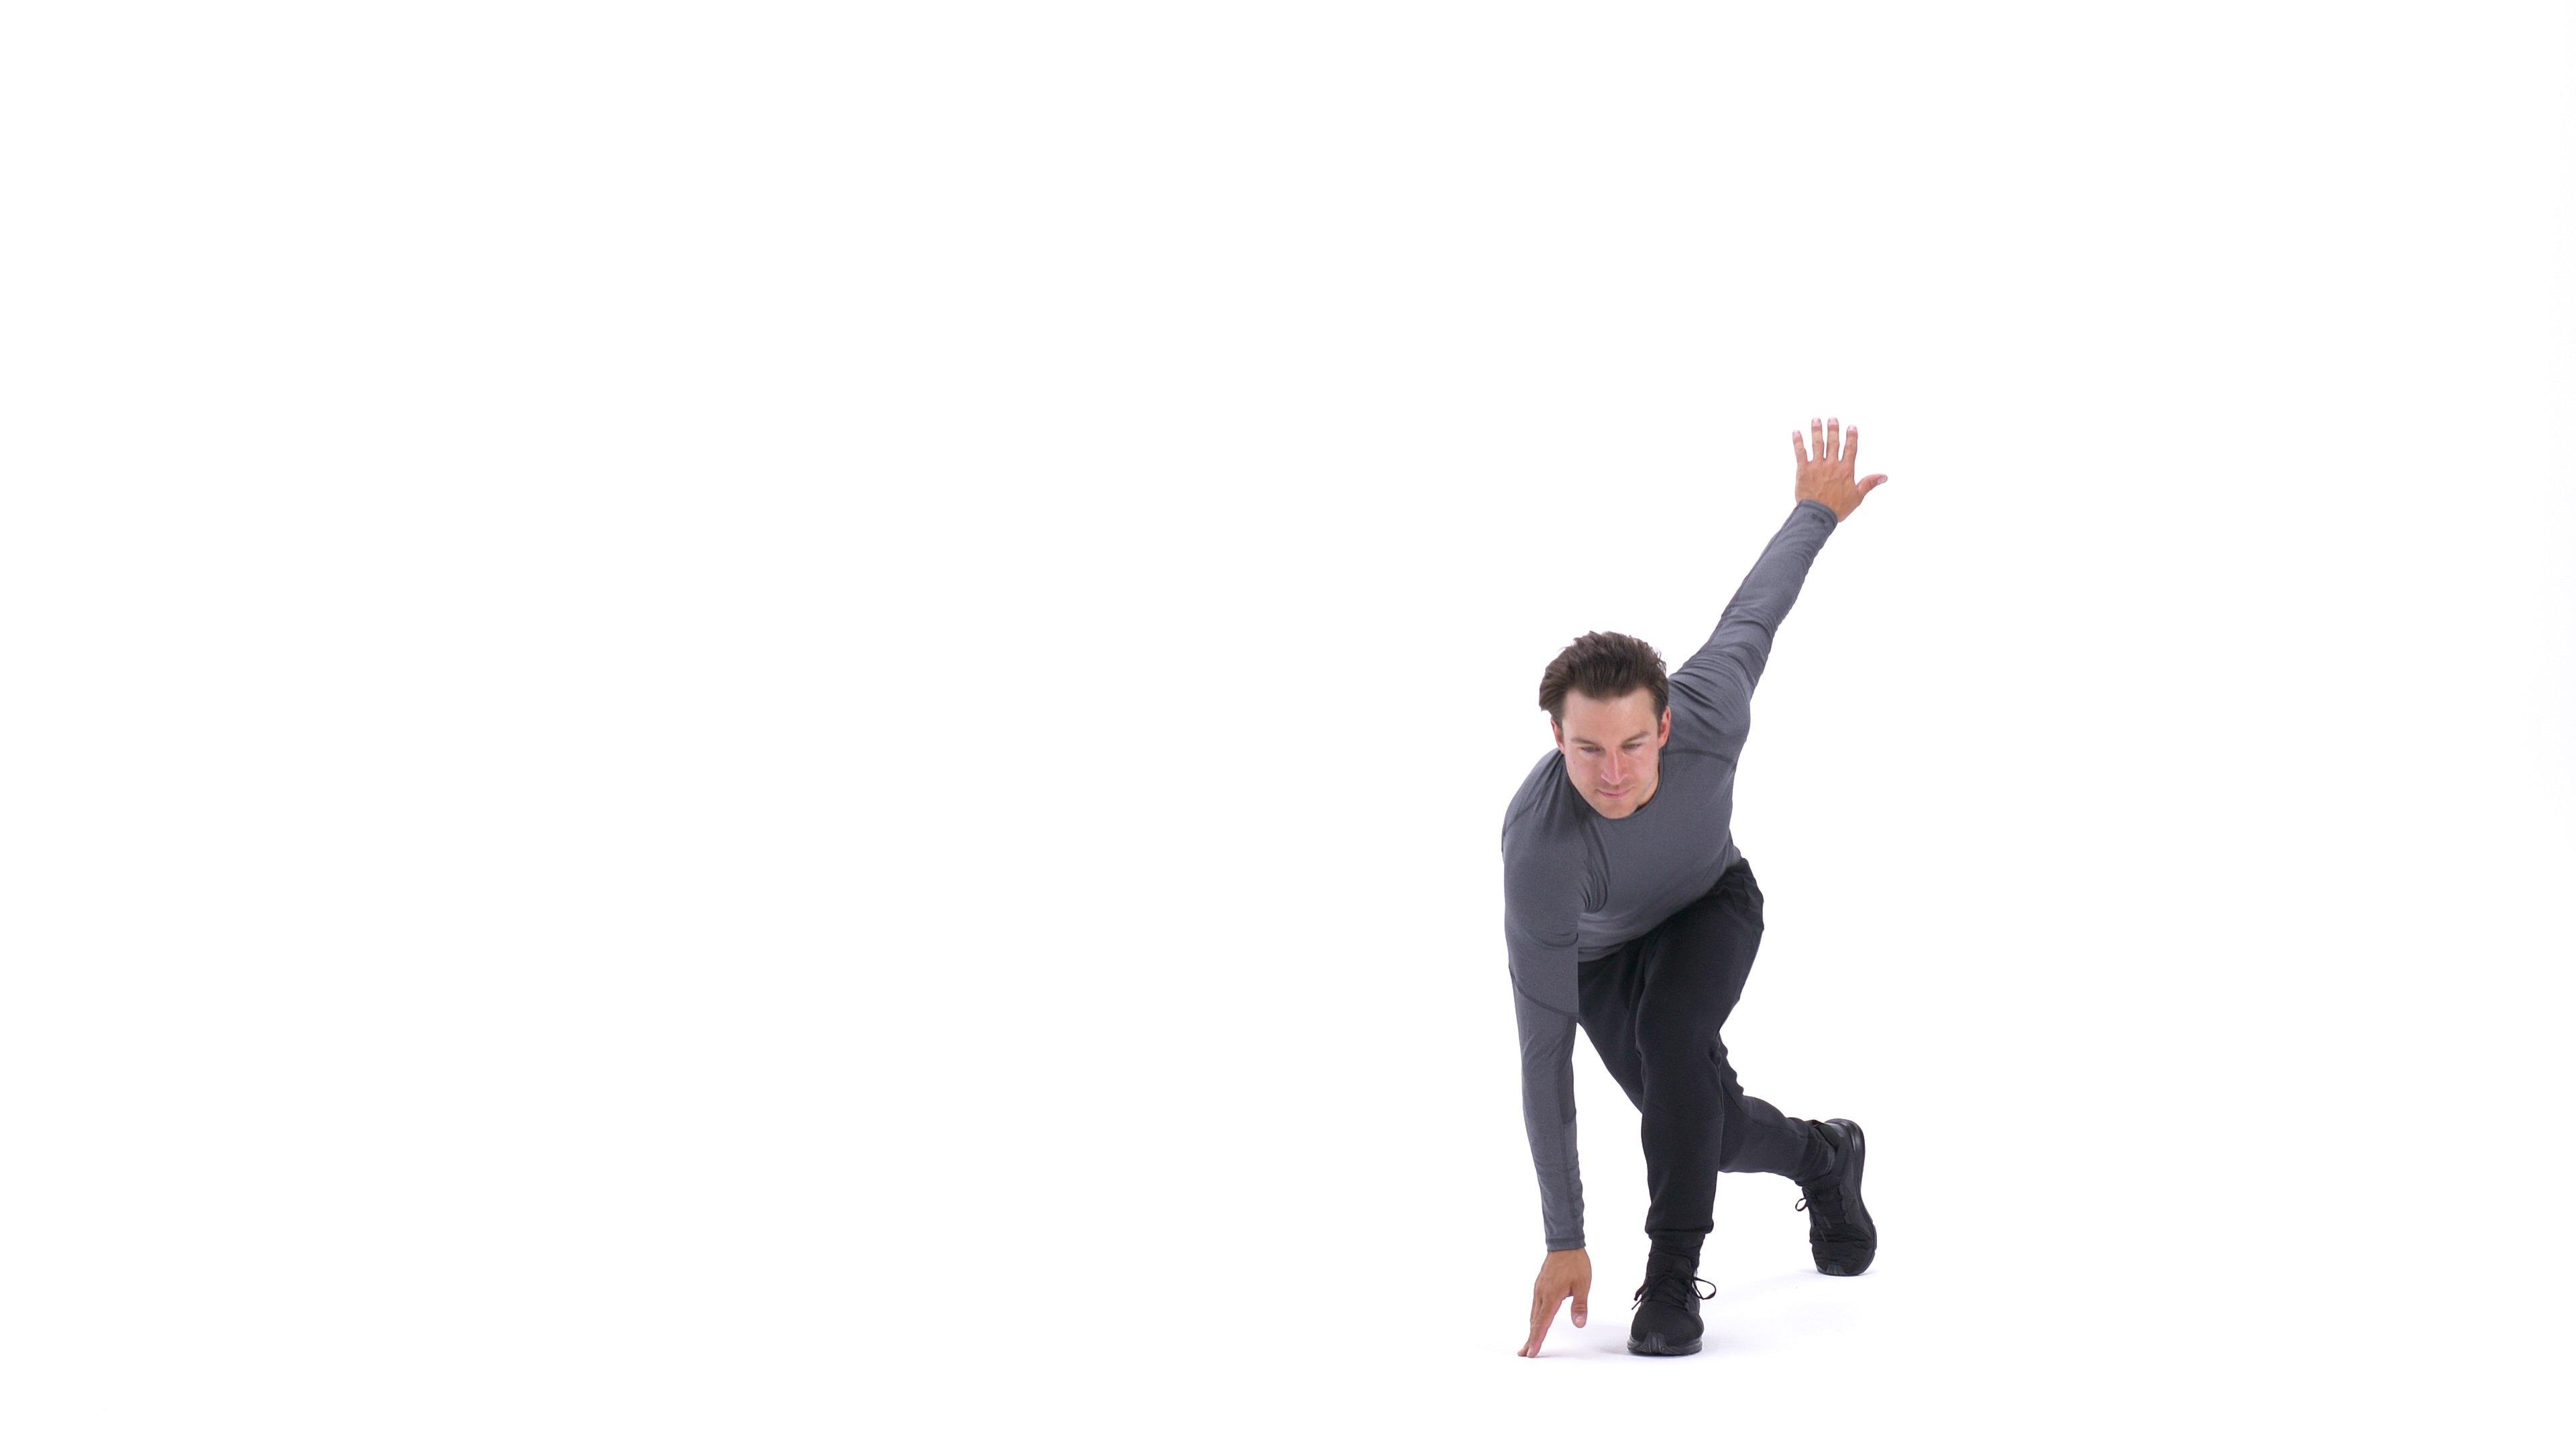 Speed skater image